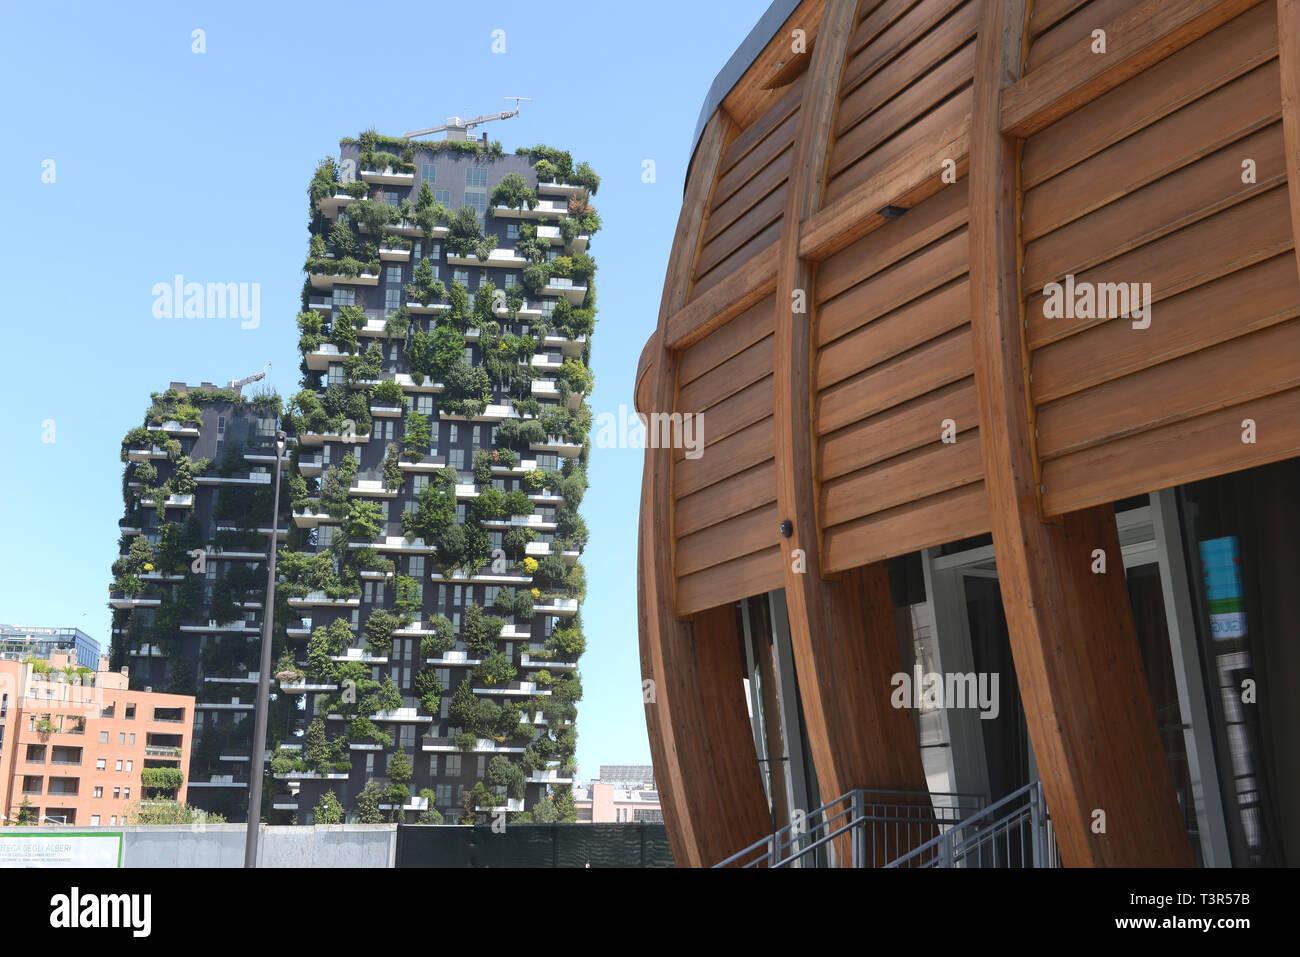 Italia, Lombardia, Milano, Bosco Verticale - Stock Image